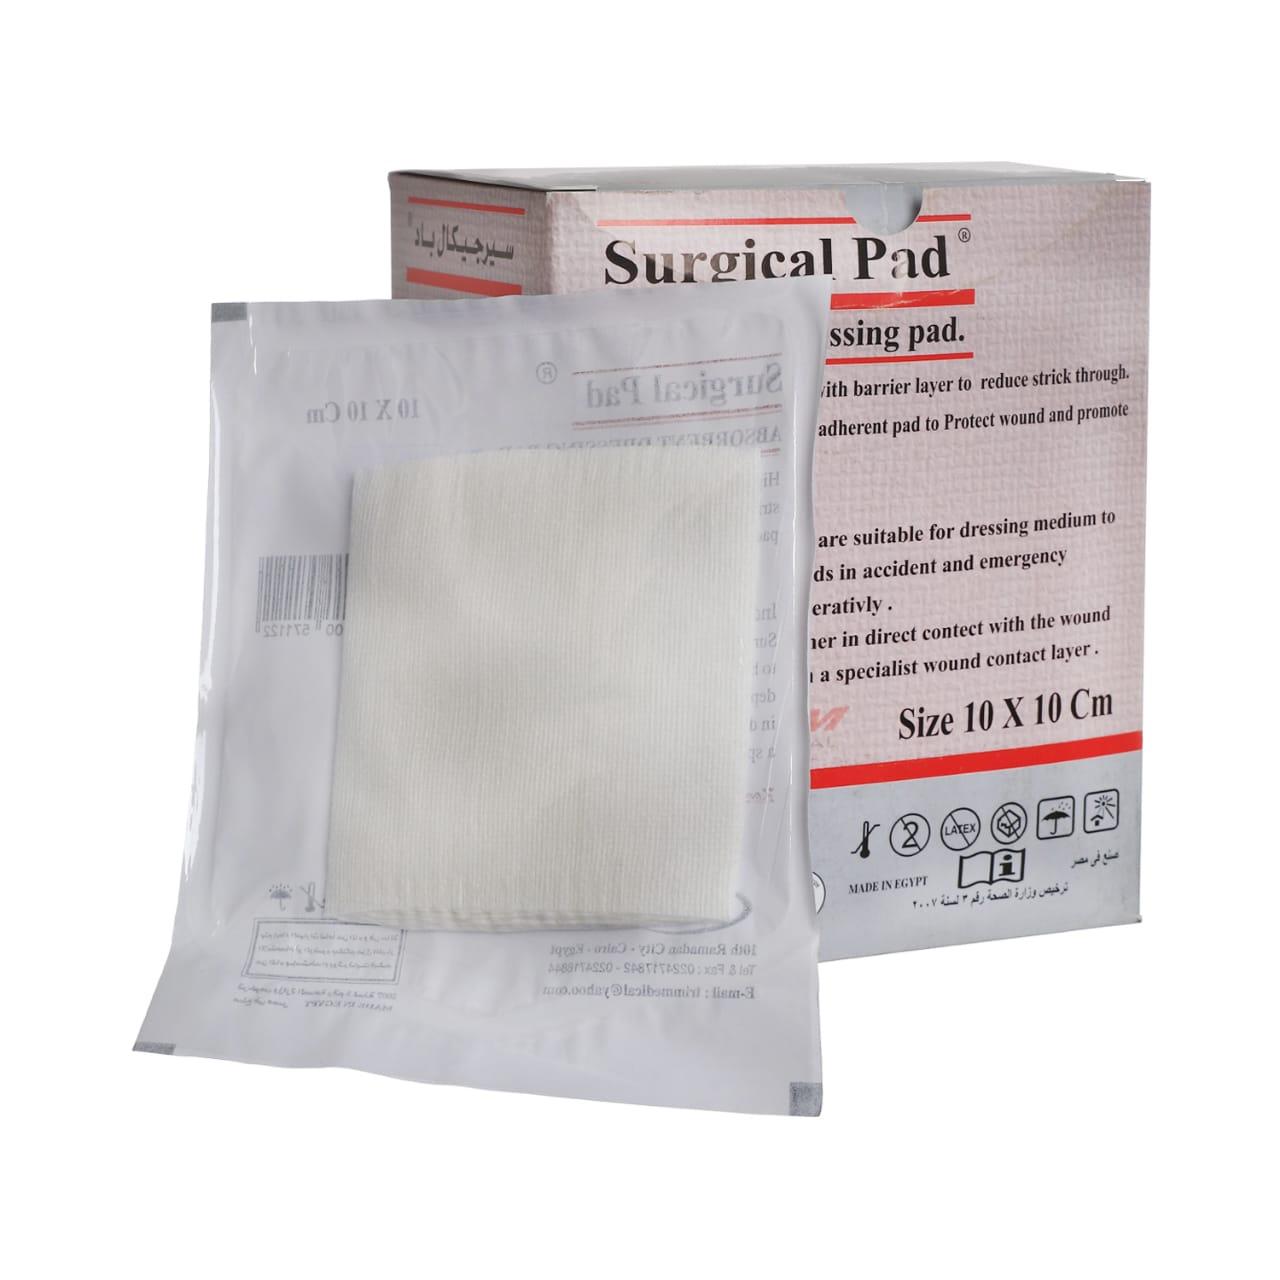 TRI M Surgical pad 10*10 cm